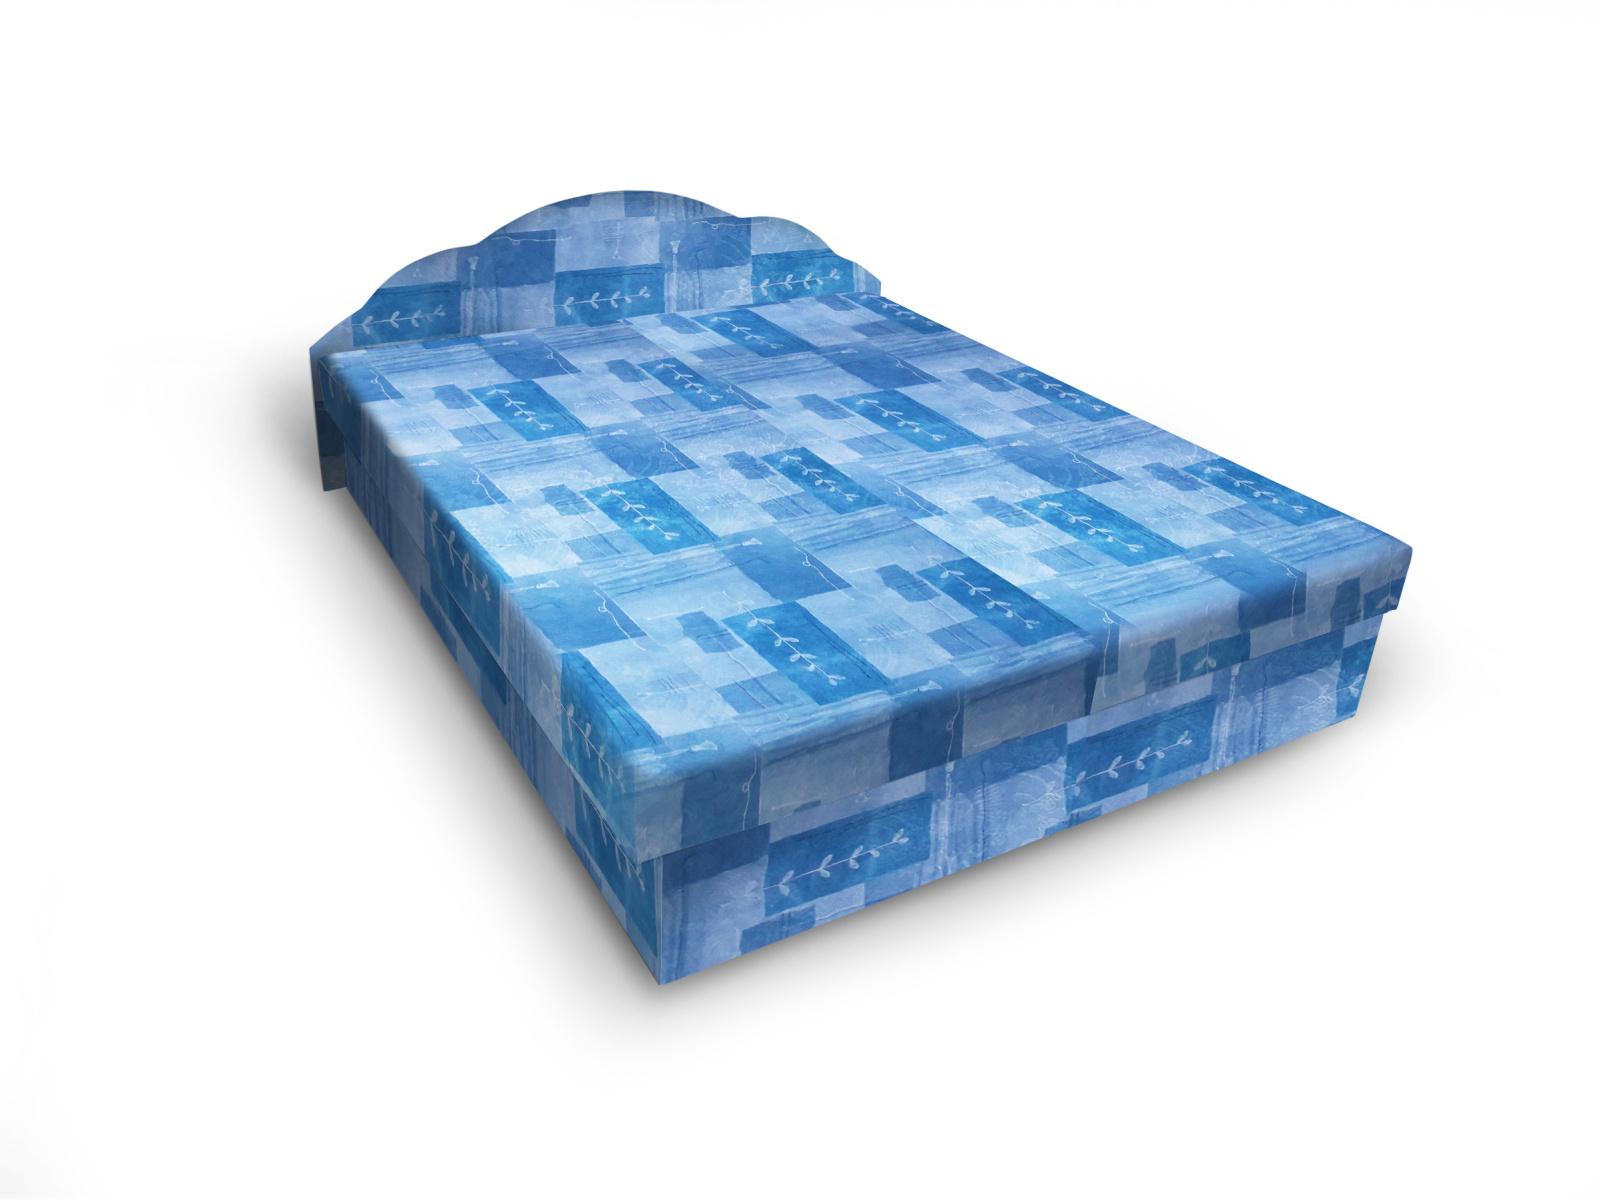 Smartshop Čalouněná postel JITKA 120x200 cm, modrá látka